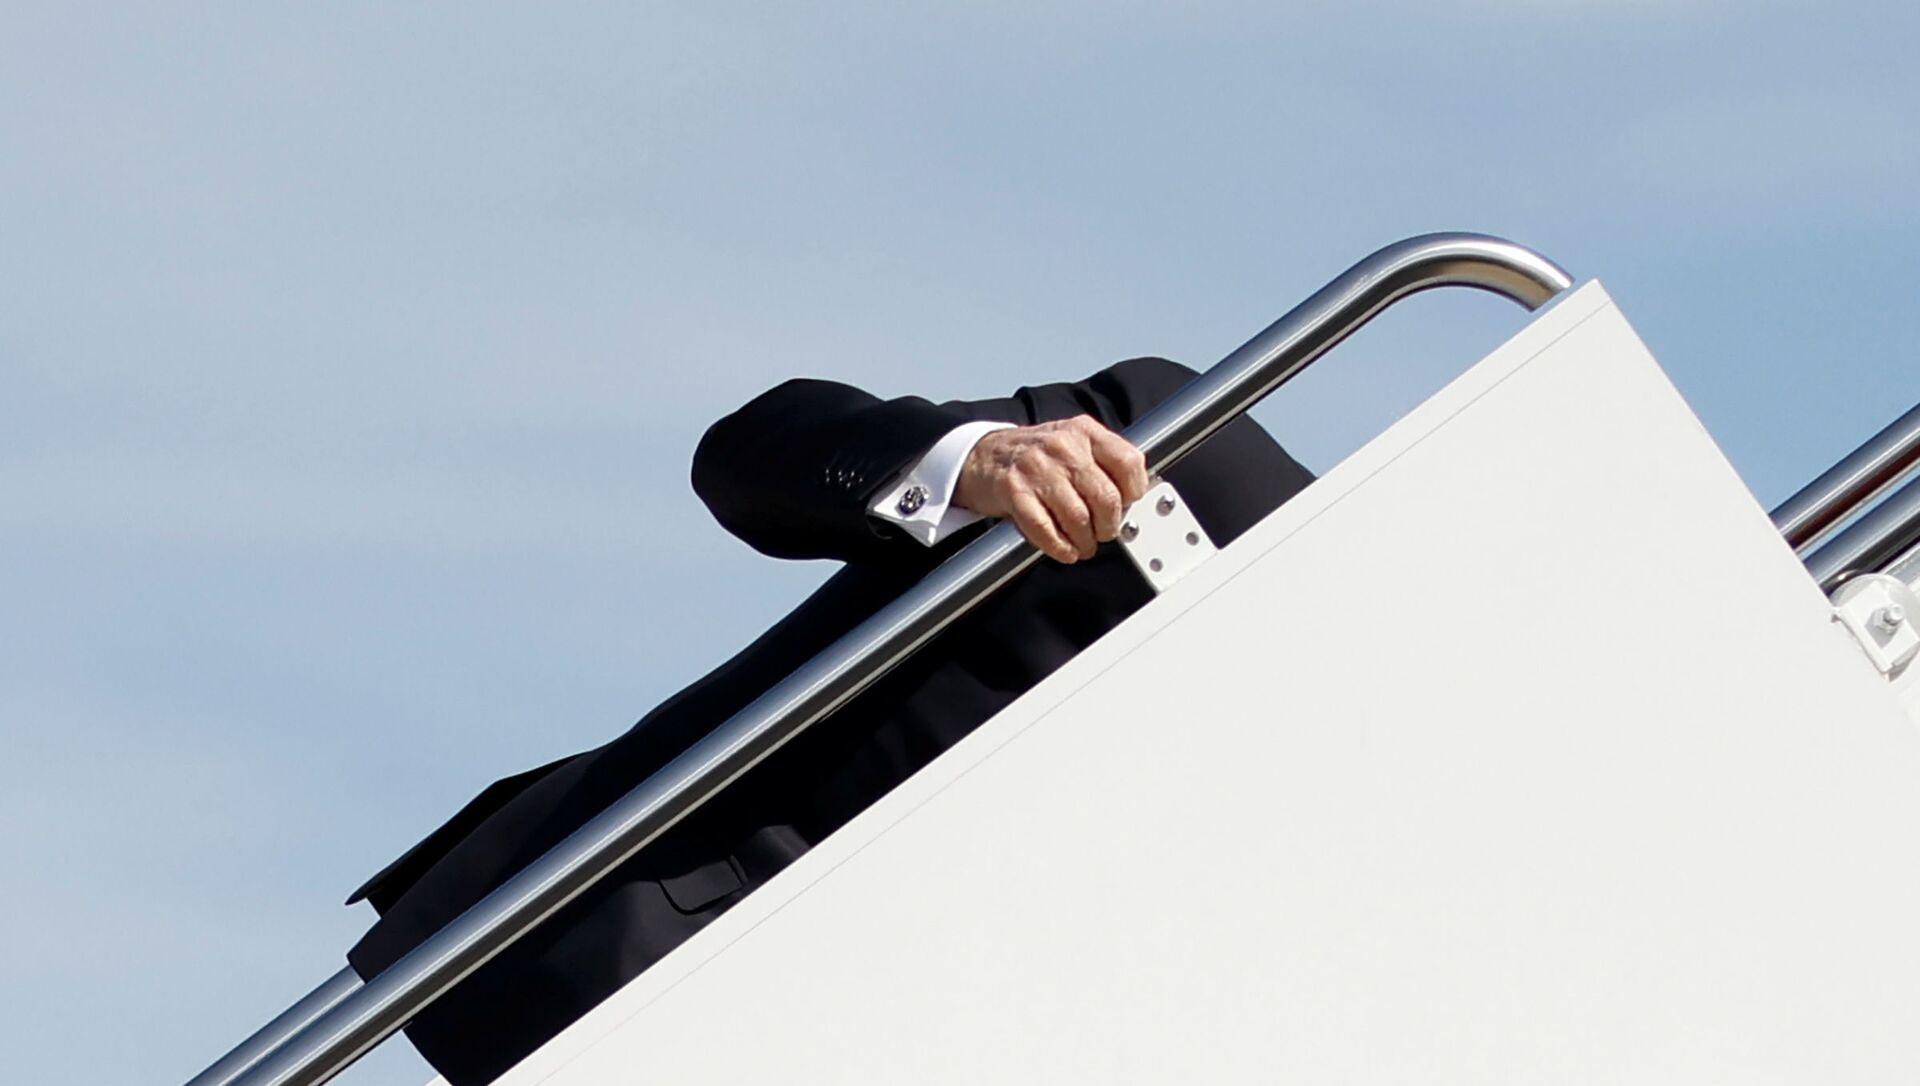 Trump commenta lo scivolone di Biden sull'Air Force One: Me l'aspettavo - Sputnik Italia, 1920, 23.03.2021